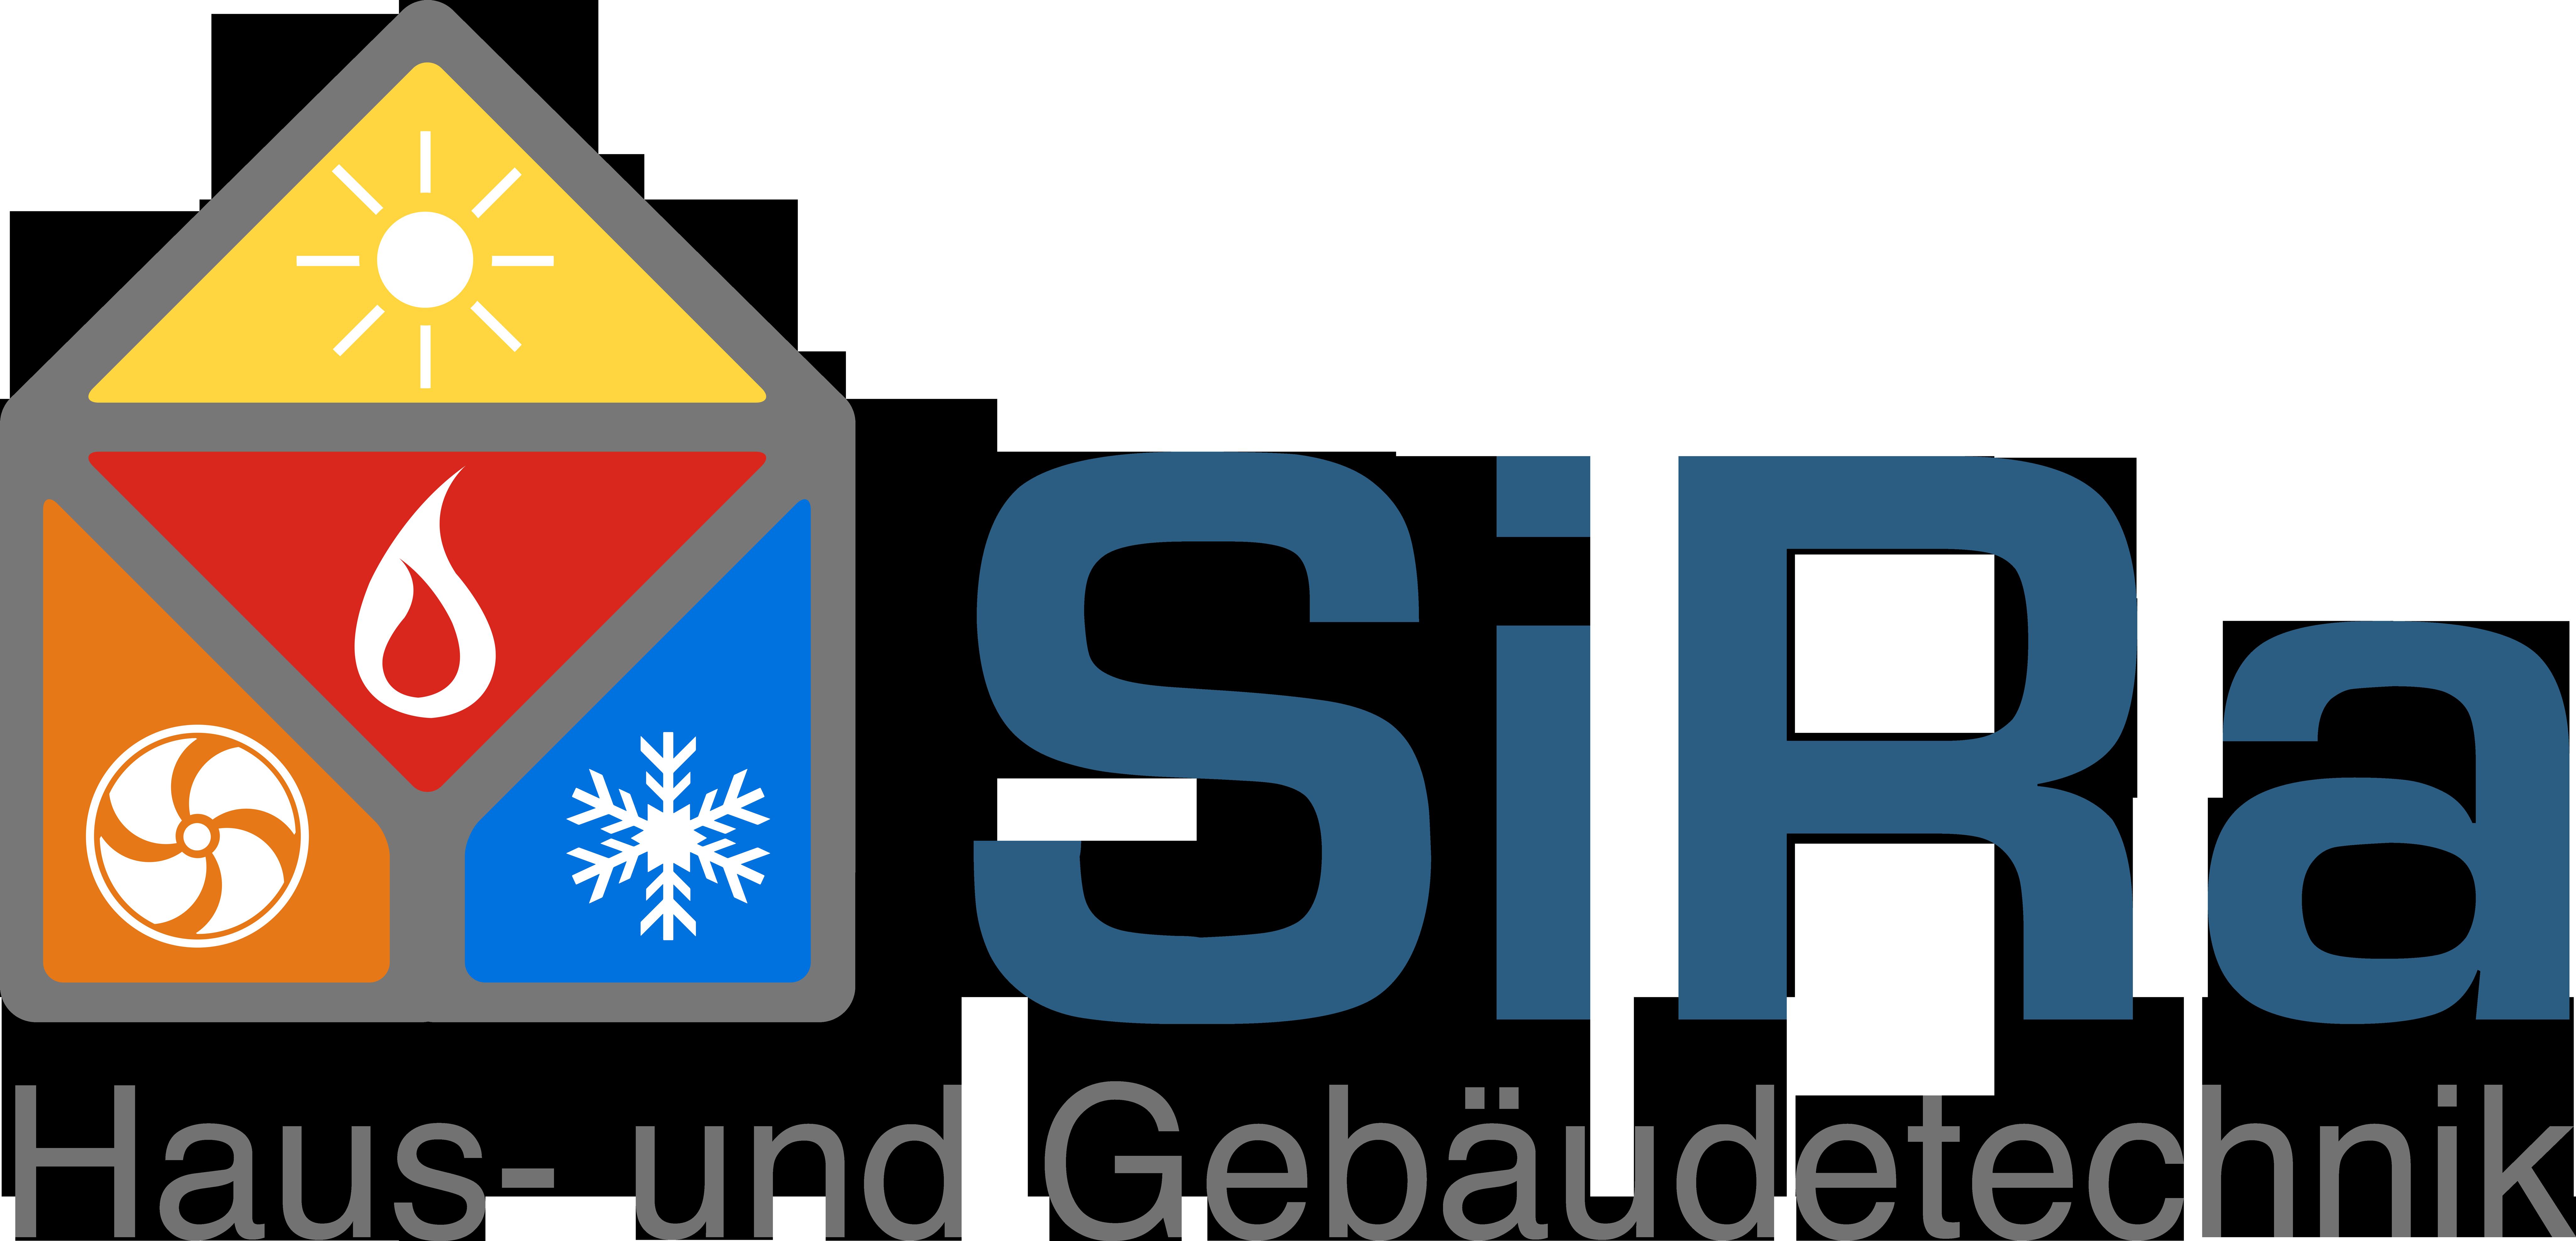 SiRa Haus- und Gebäudetechnik UG (haftungsbeschränkt)